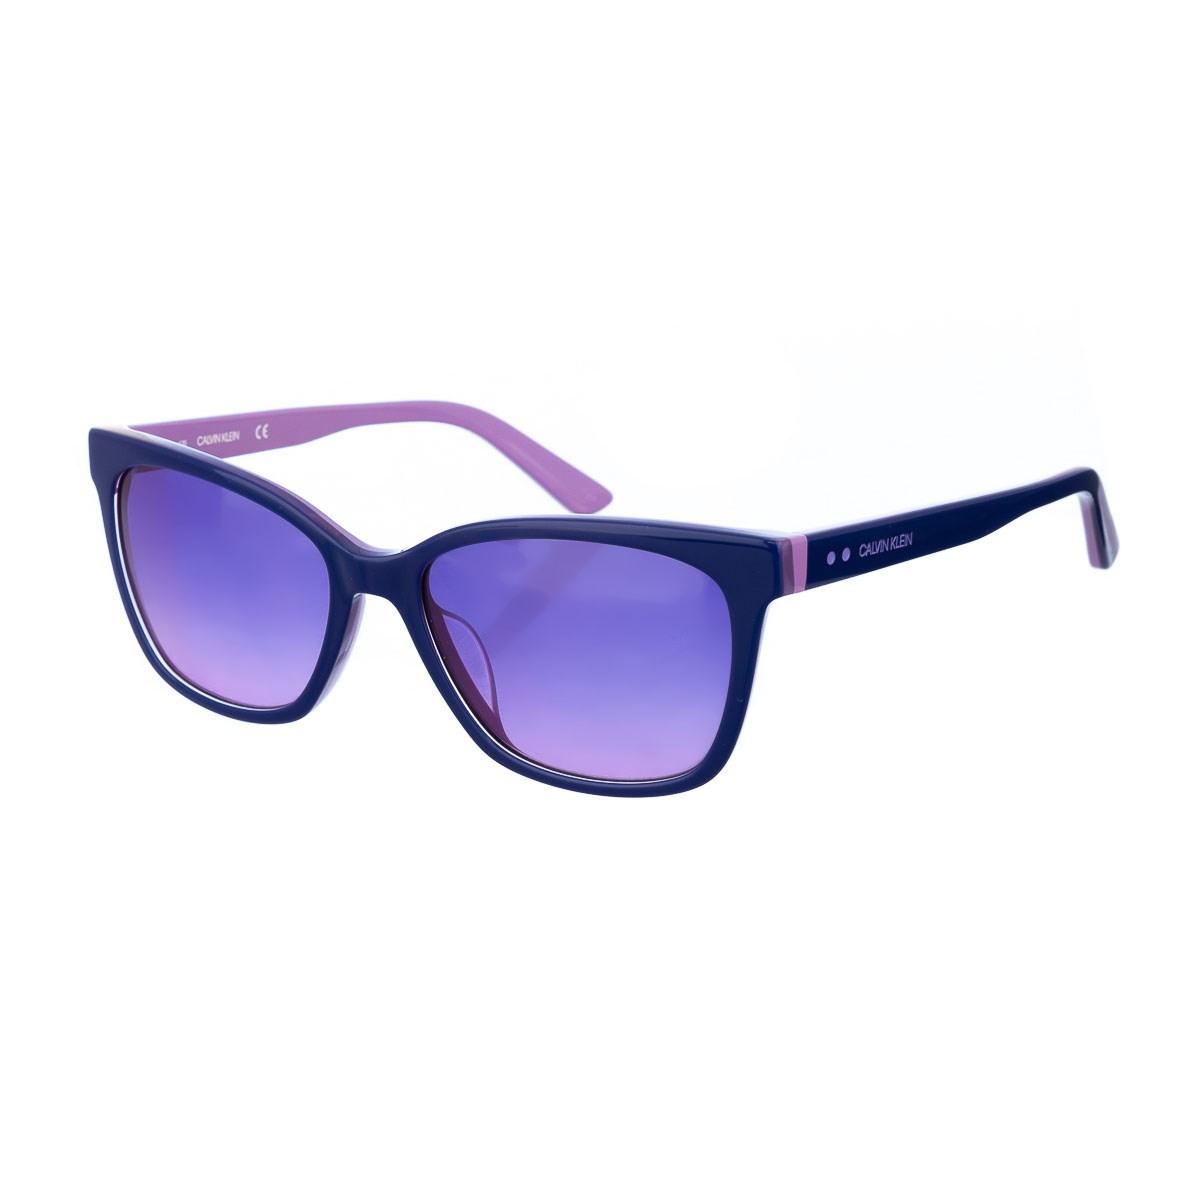 Gafas de sol calvin klein ck19503s-505